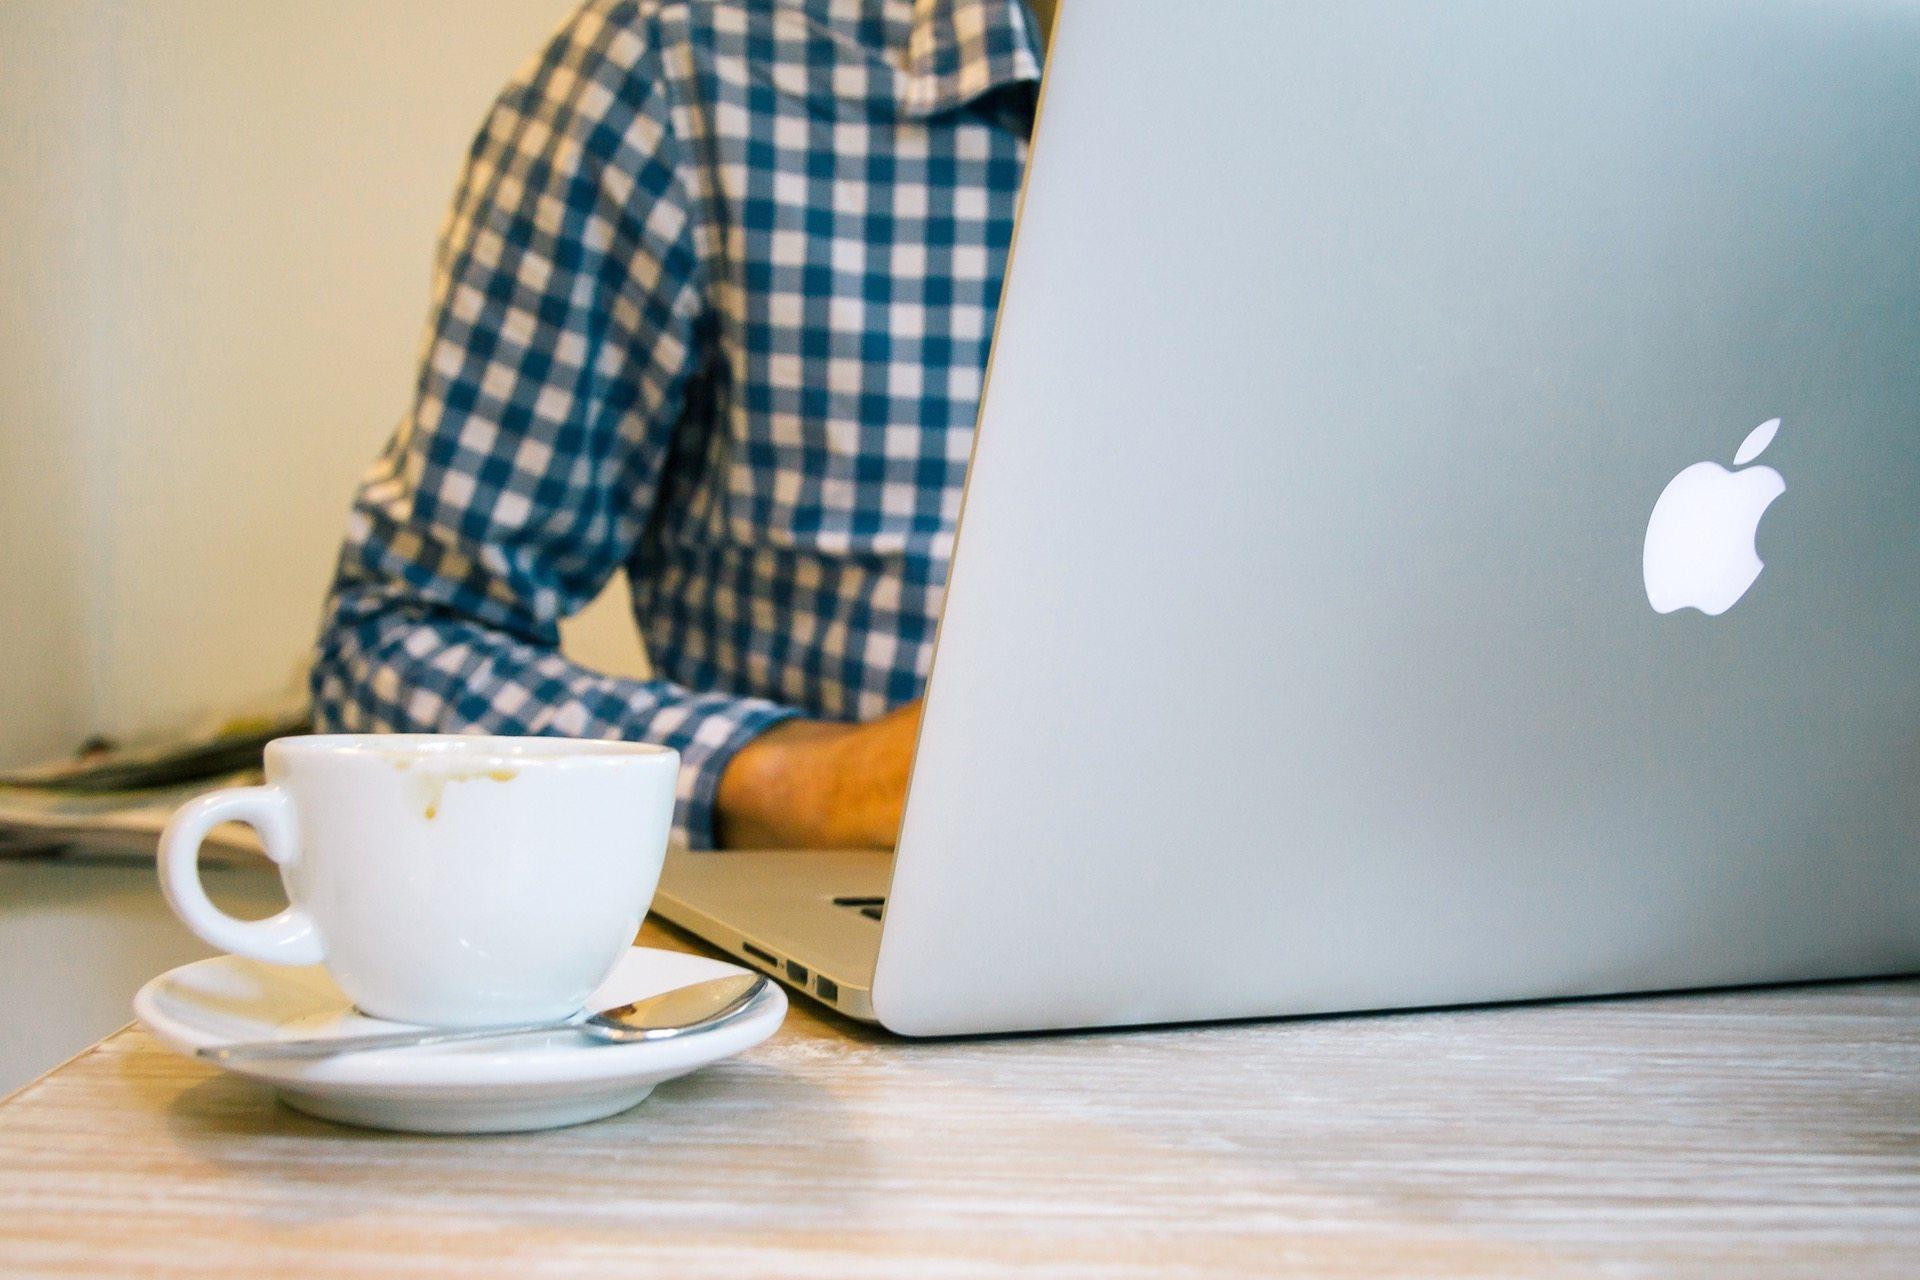 איך להגדיל את המכירות באתר בעזרת צ'אט אונליין